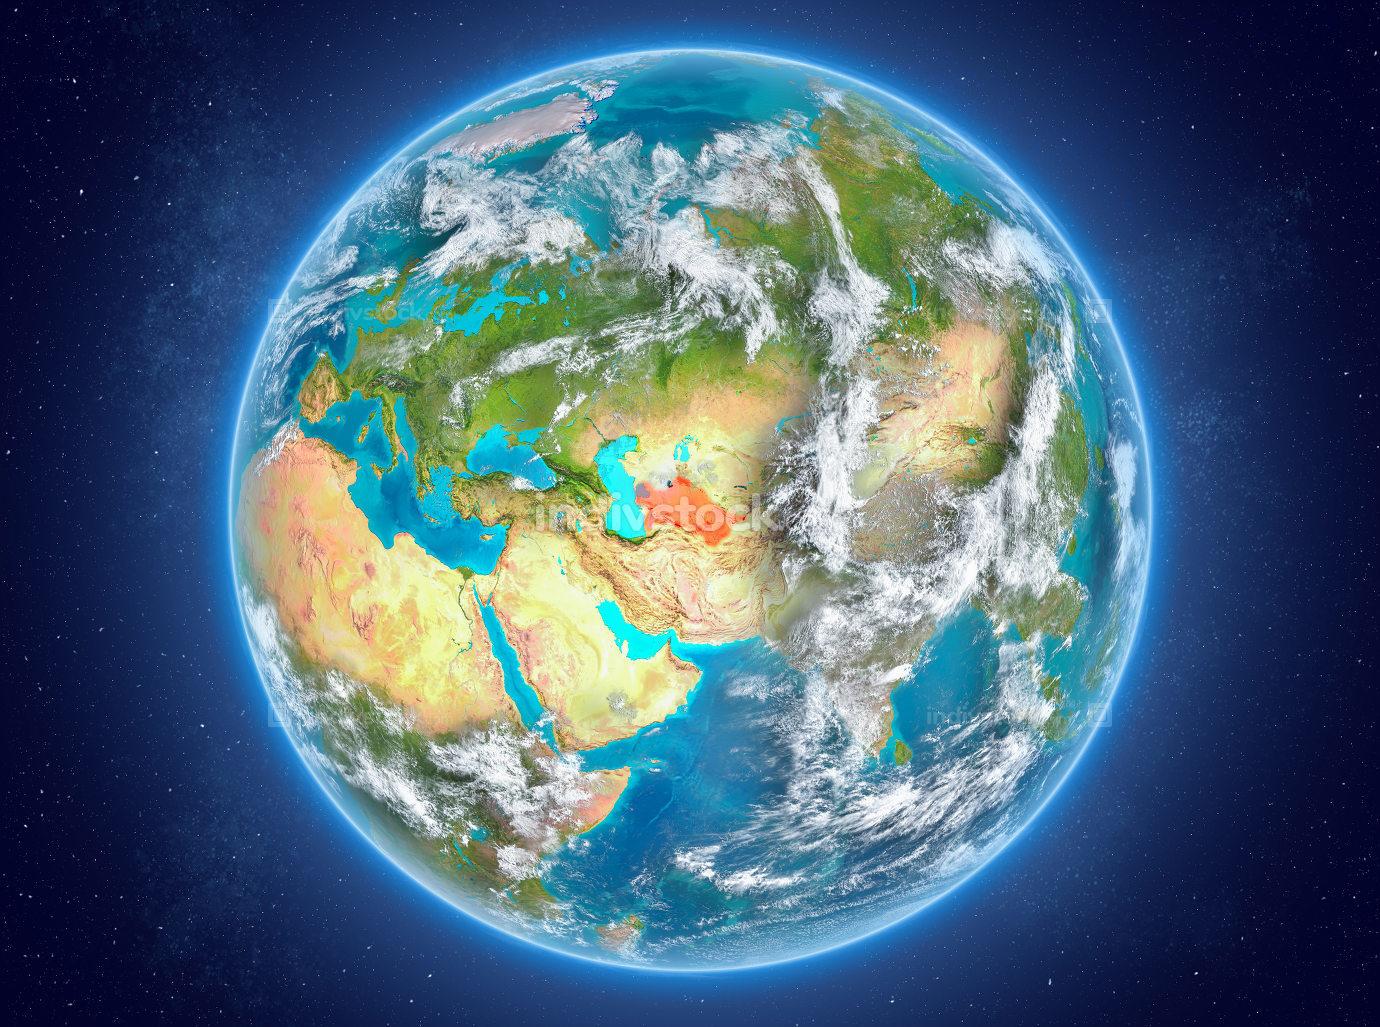 Turkmenistan on planet Earth in space